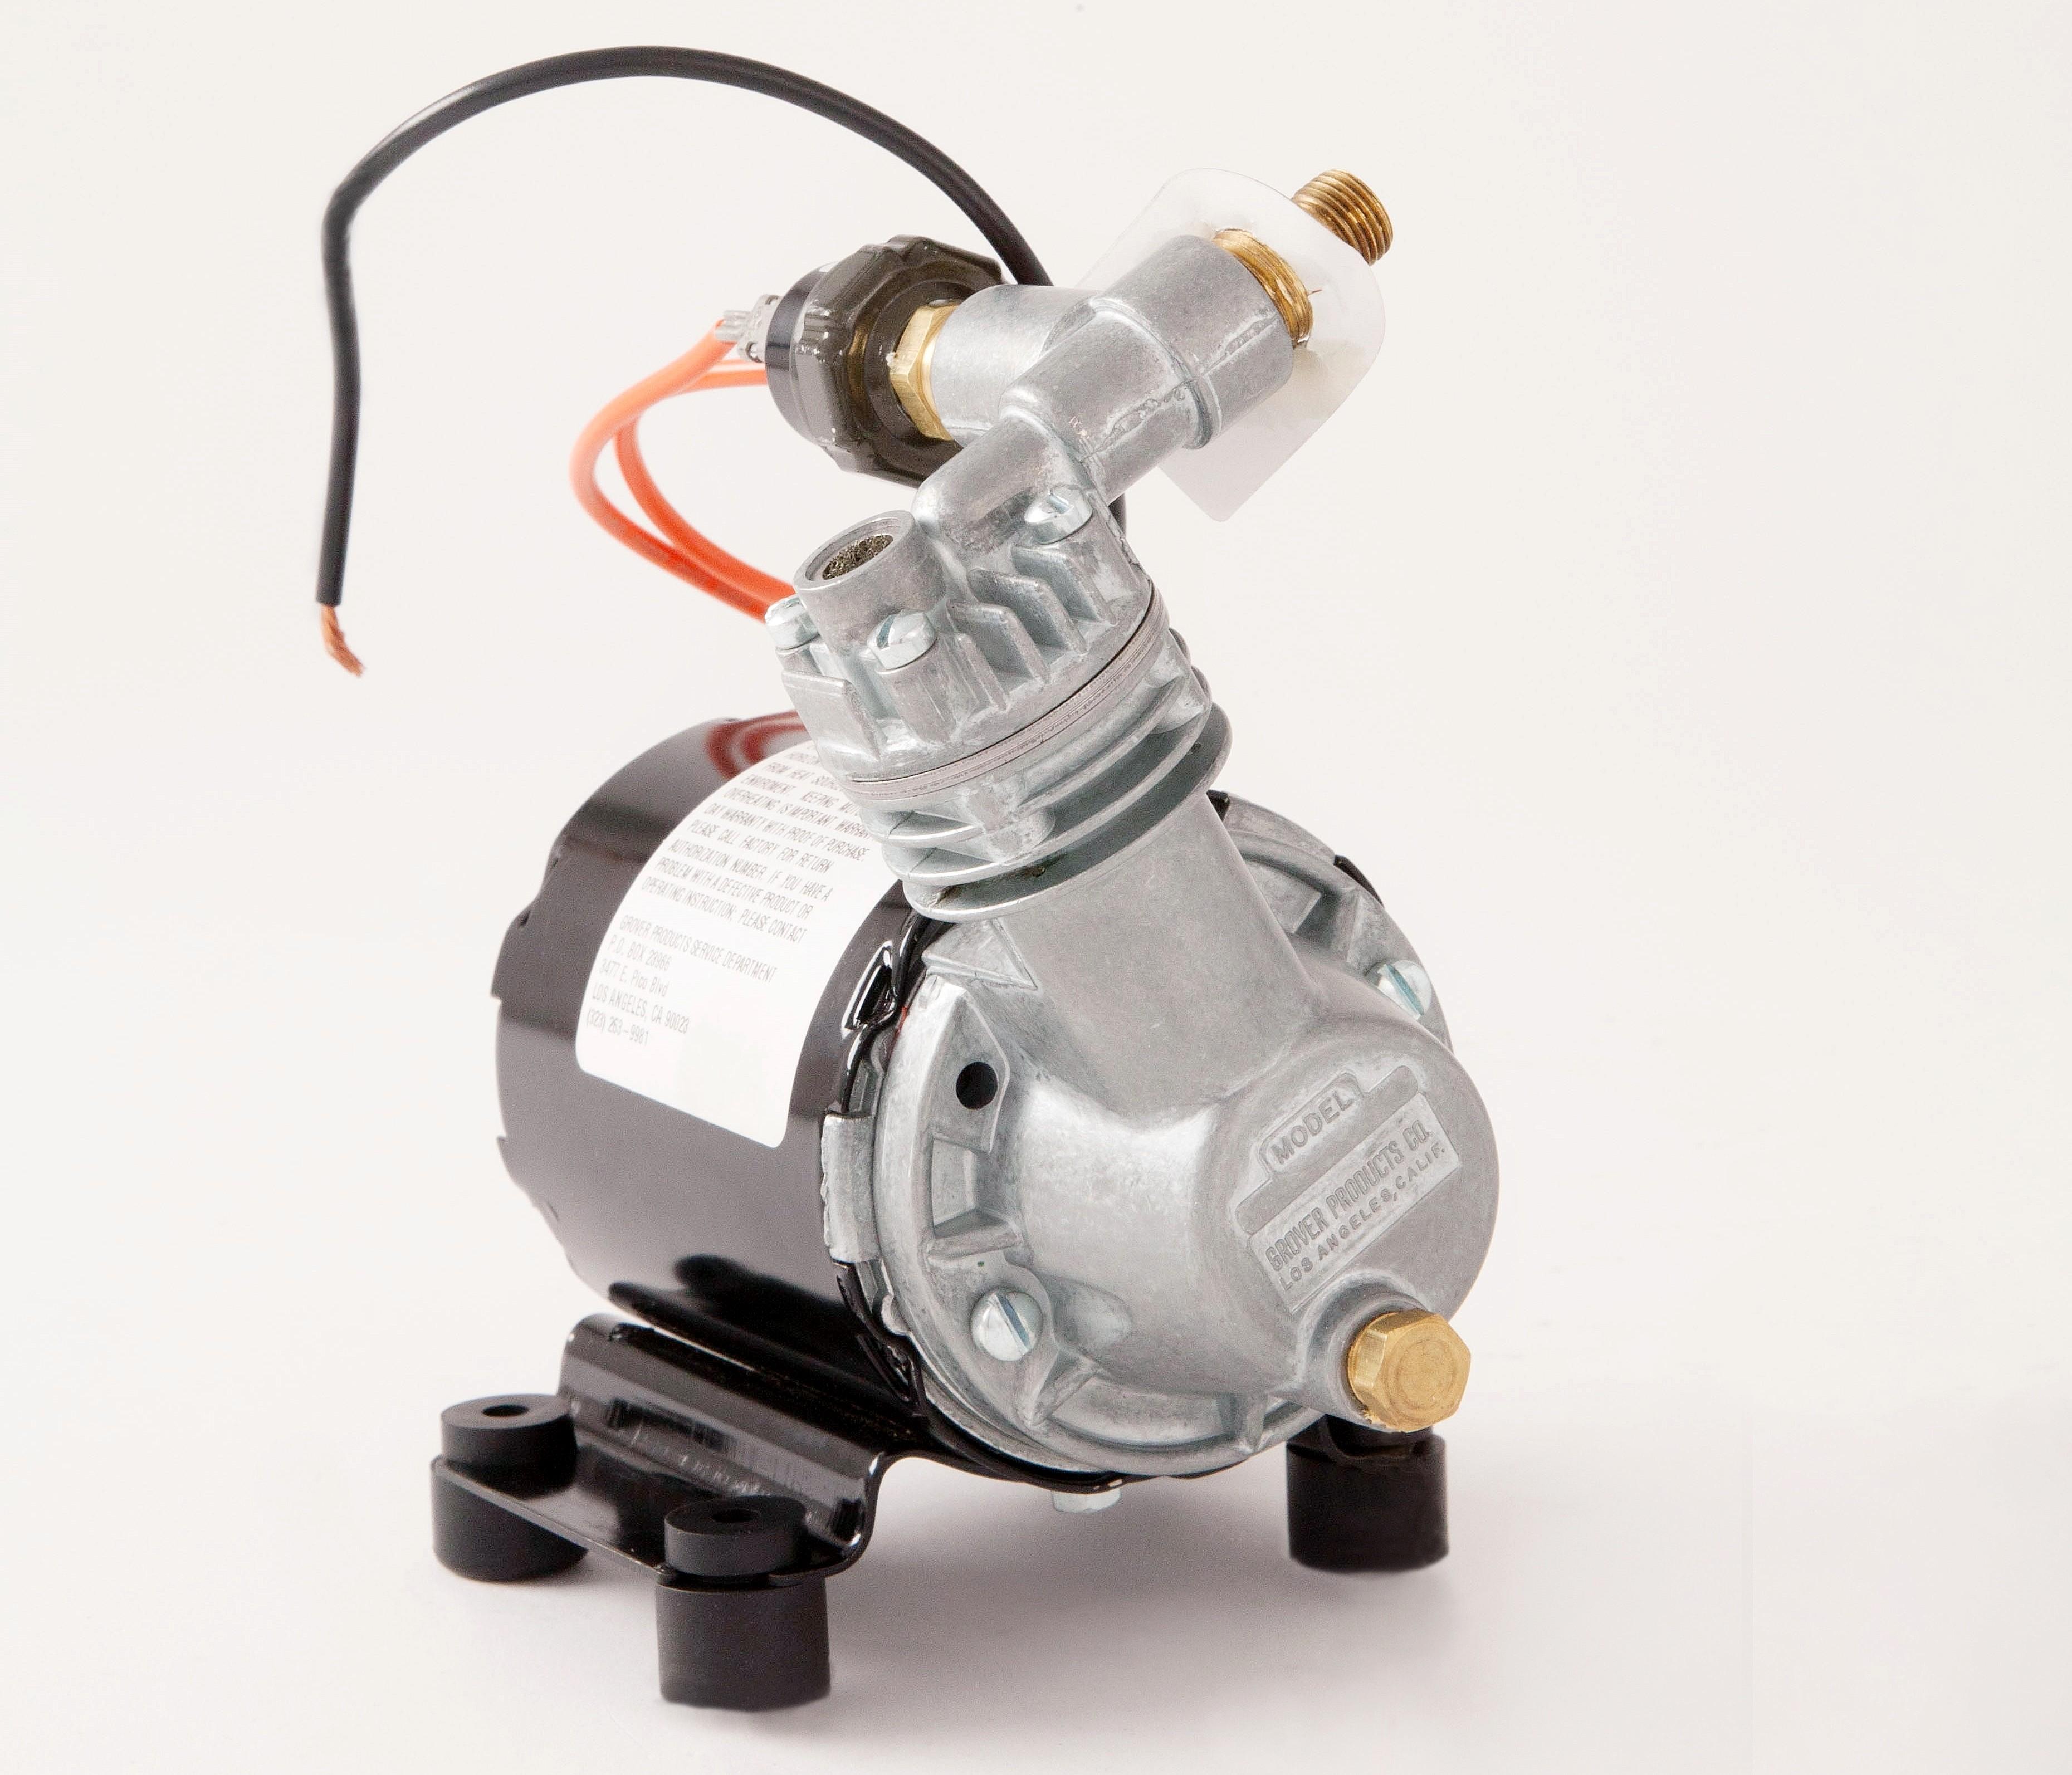 1167 Compressor 12V